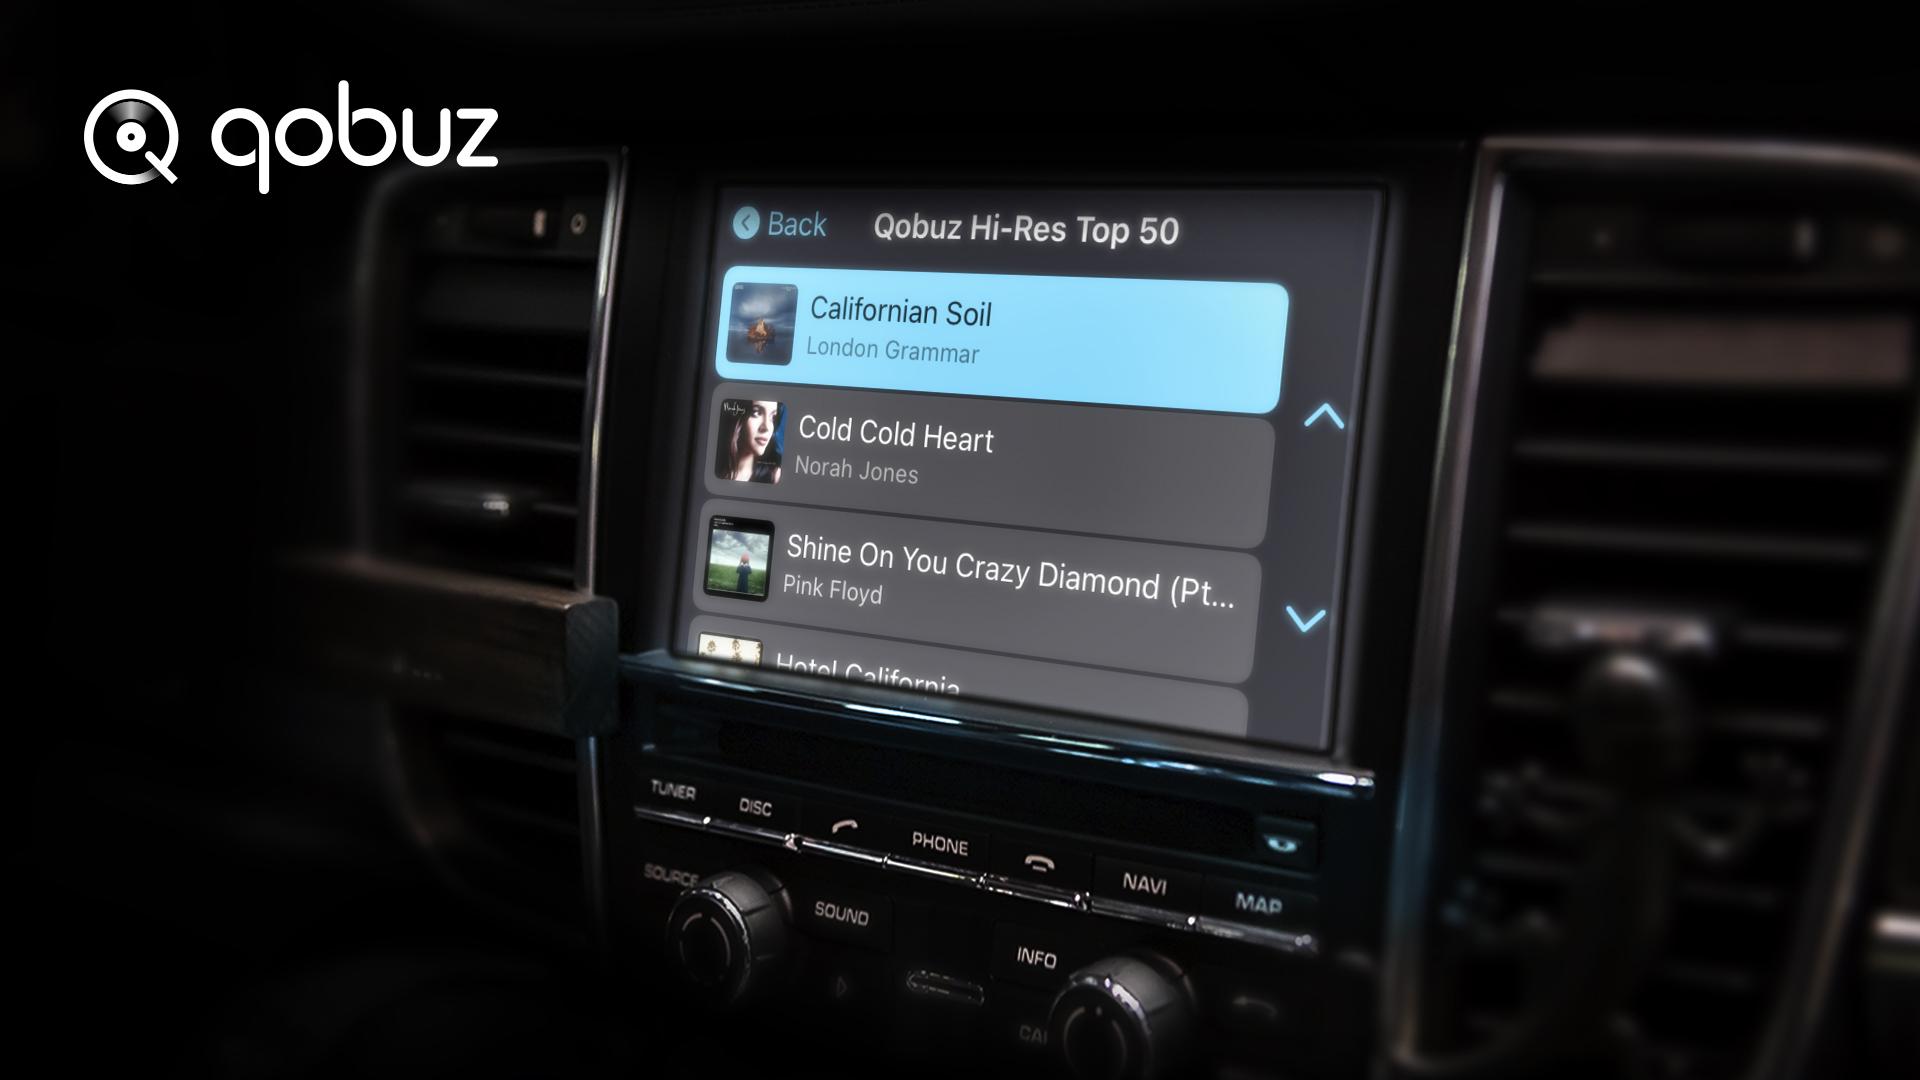 My weekly Q und Carplay Online als neue Funktion bei Qobuz | Tipp